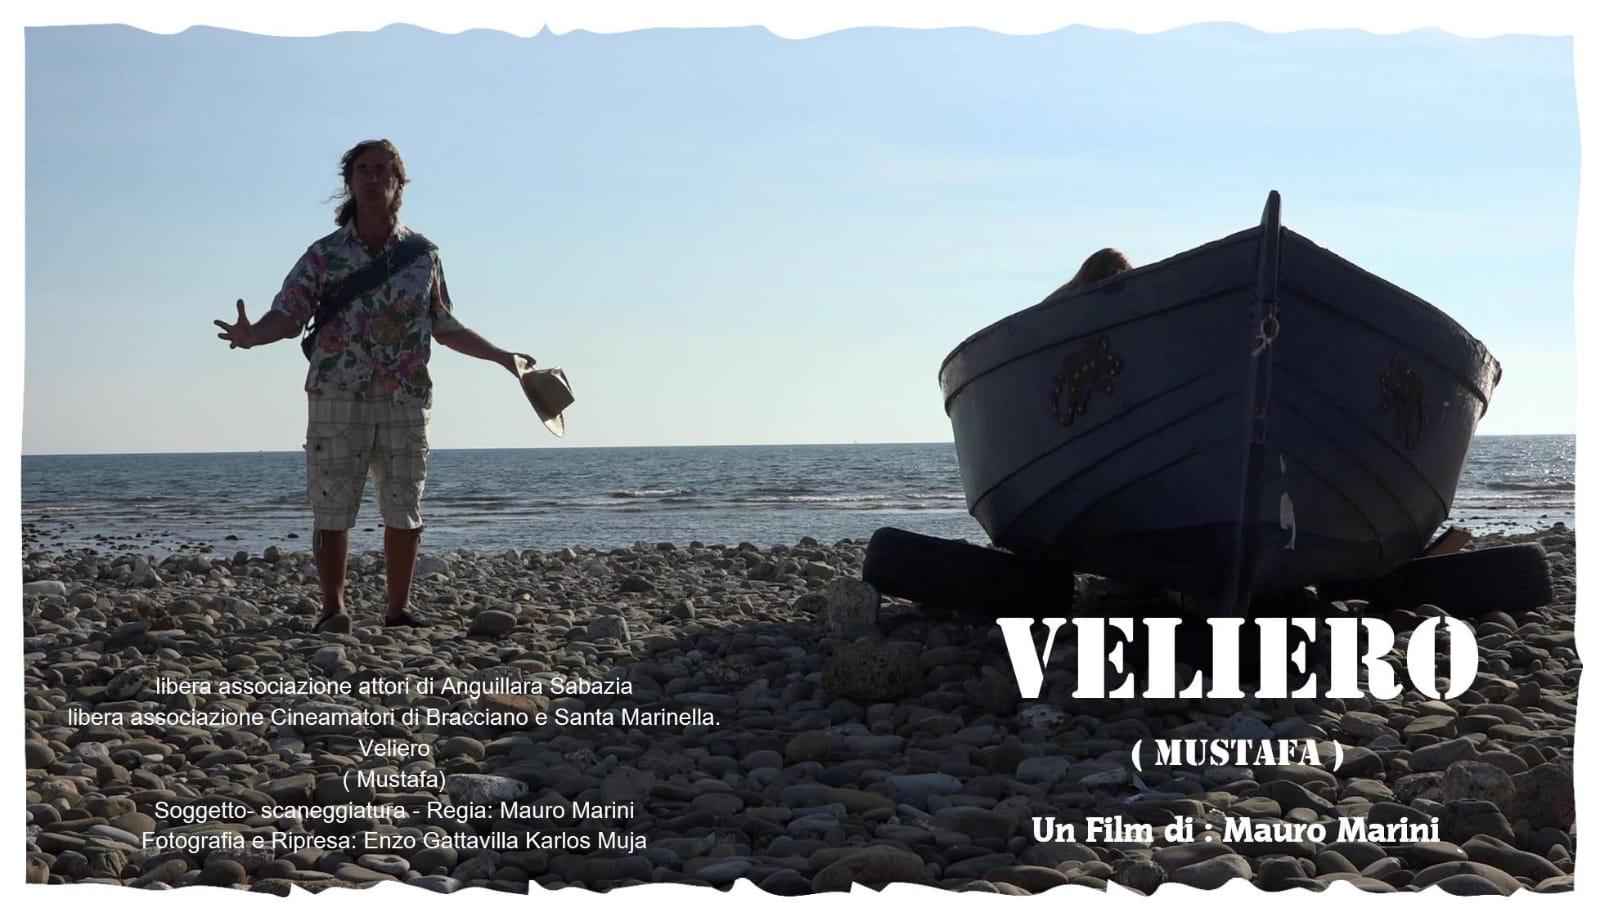 Il Veliero: film di Mauro Marini  il 31 marzo al Teatro Charles de Foucault di Bracciano